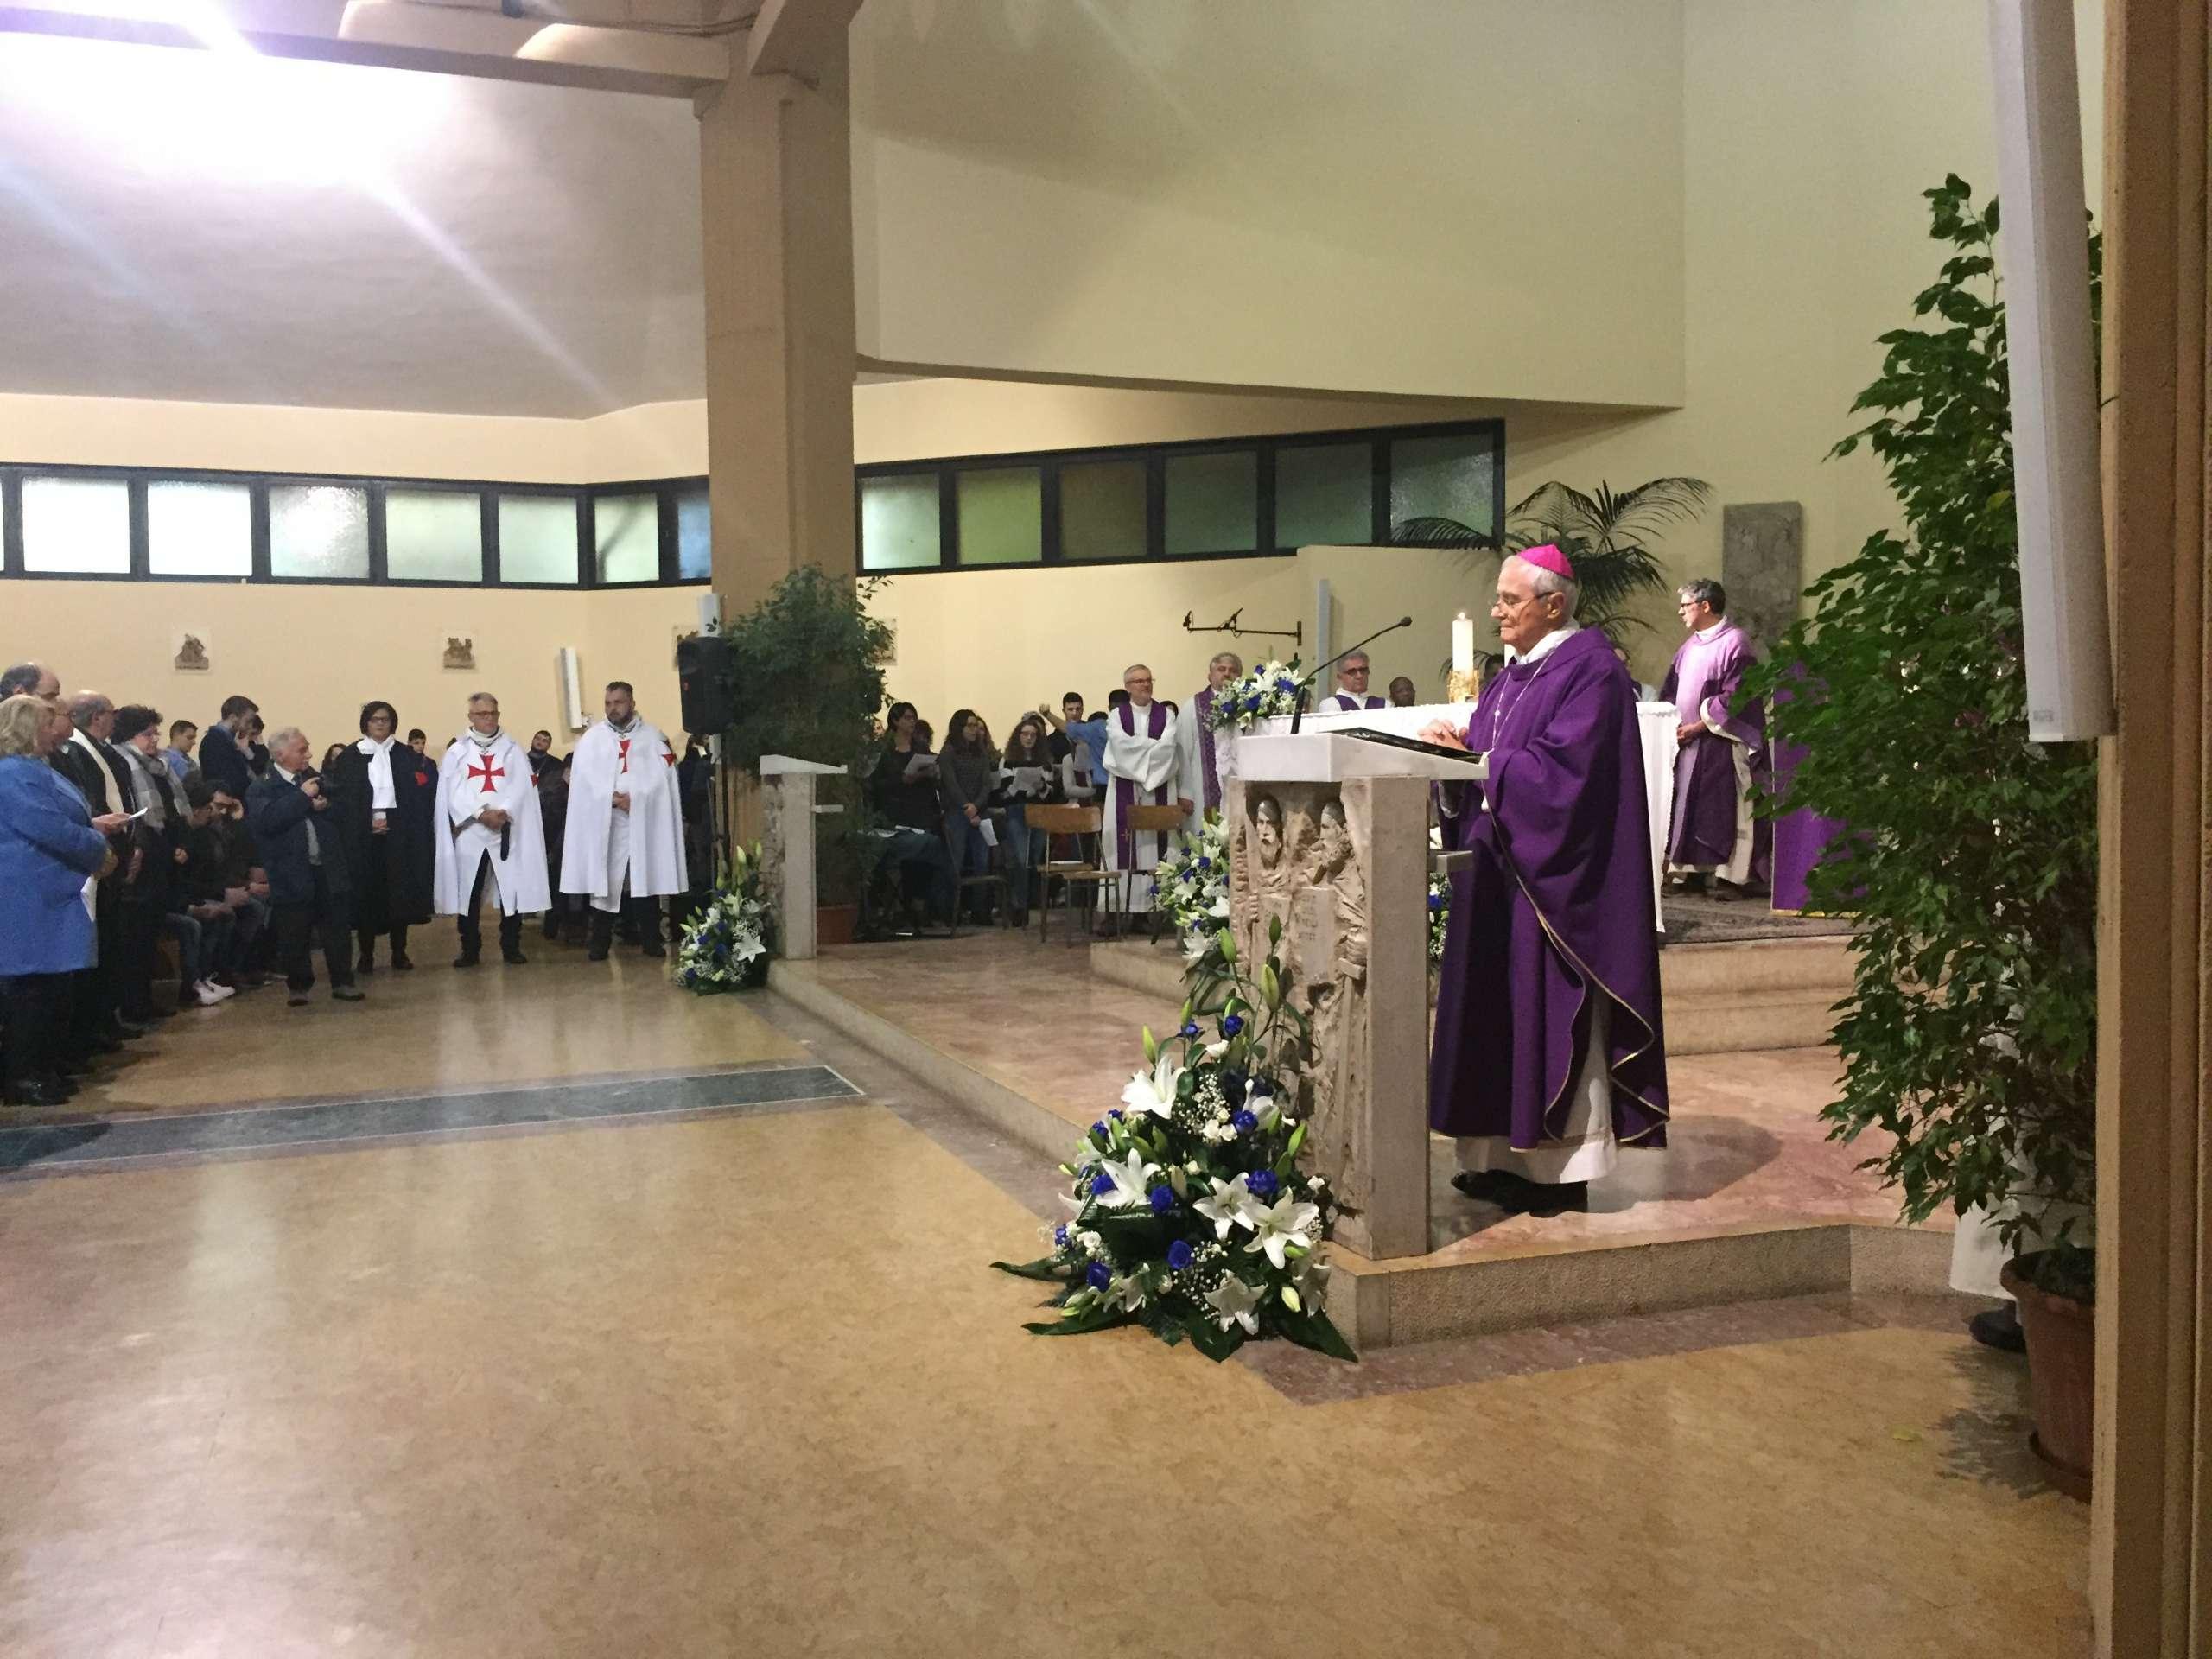 Ingresso nuovo parroco nella Chiesa del Preziosissimo Sangue a Piacenza